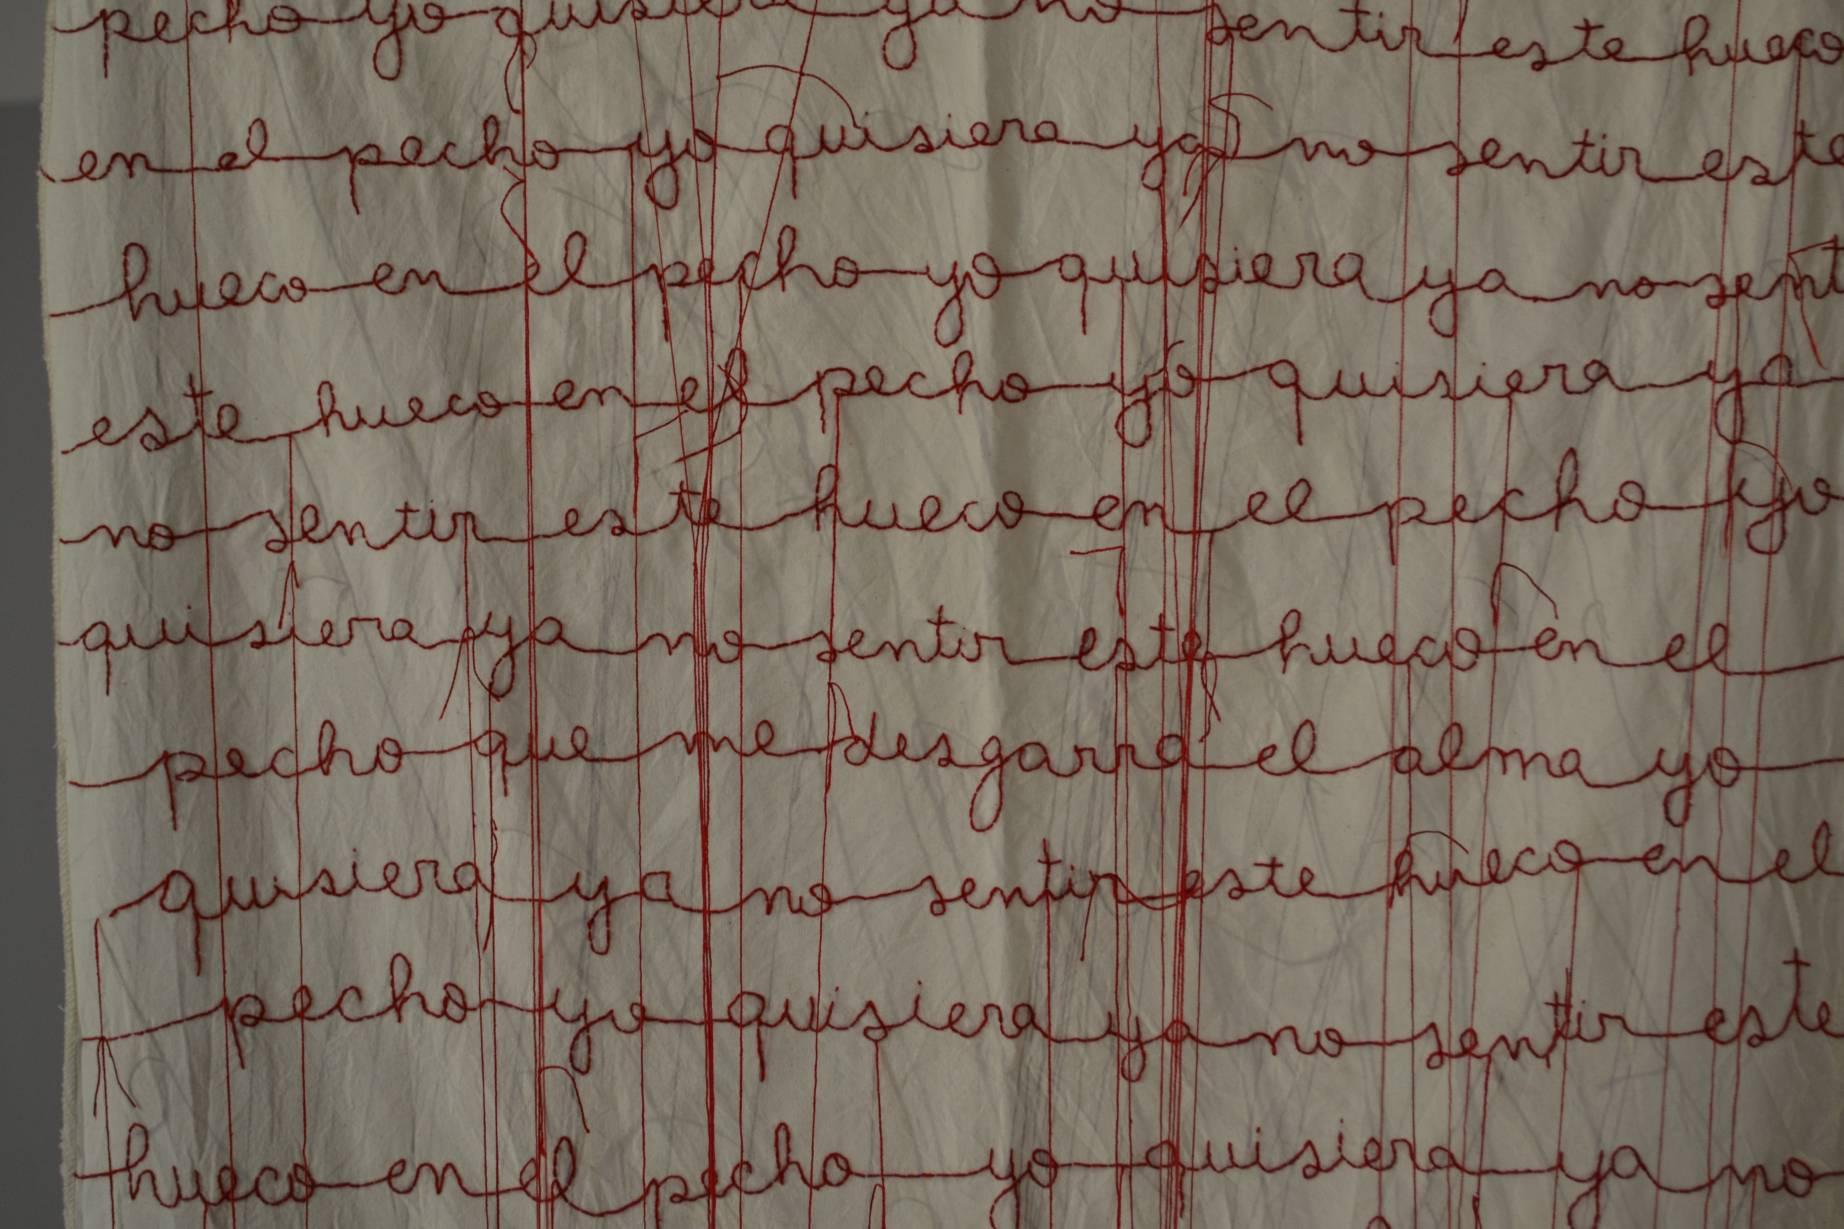 Pecho hueco o carta de amor (2016) - Pamela Suasti Balseca